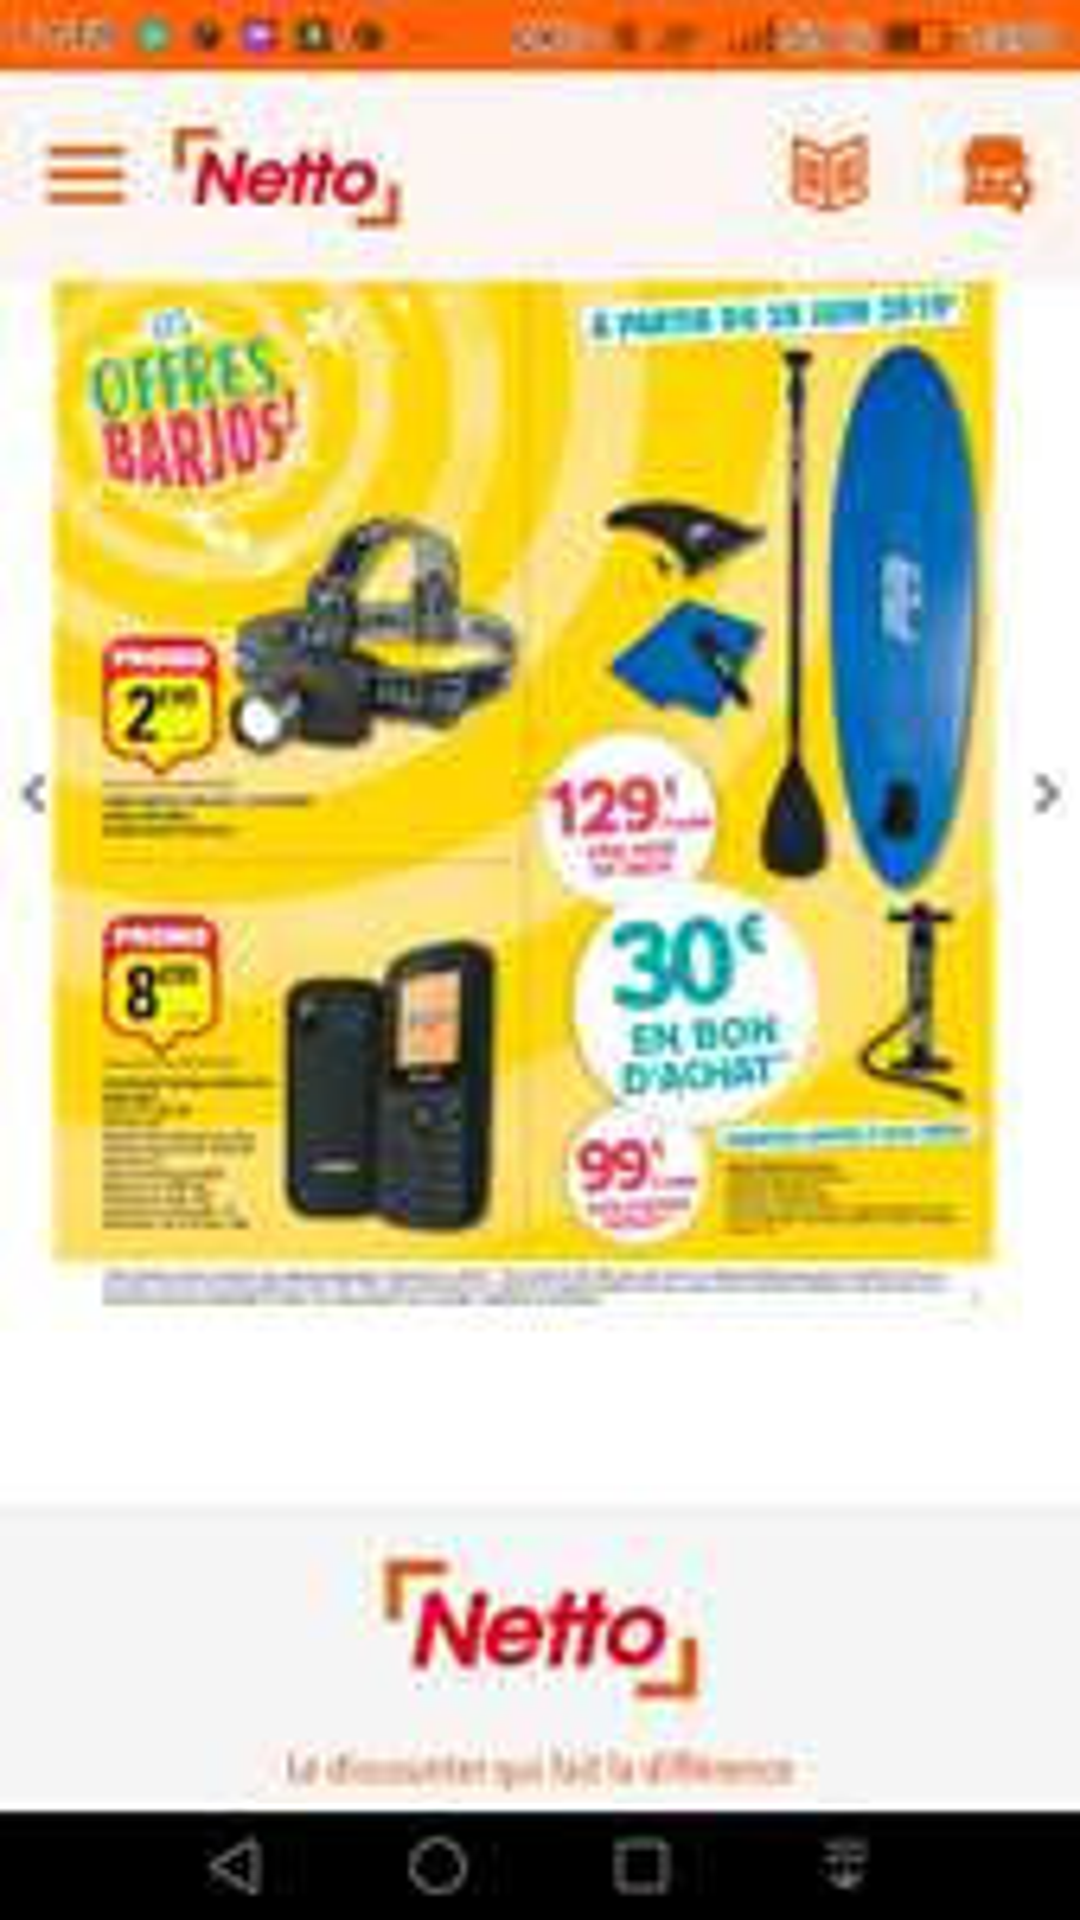 Paddle gonflable AquaMarina - avec accessoires (via 30€ en bon d'achat)